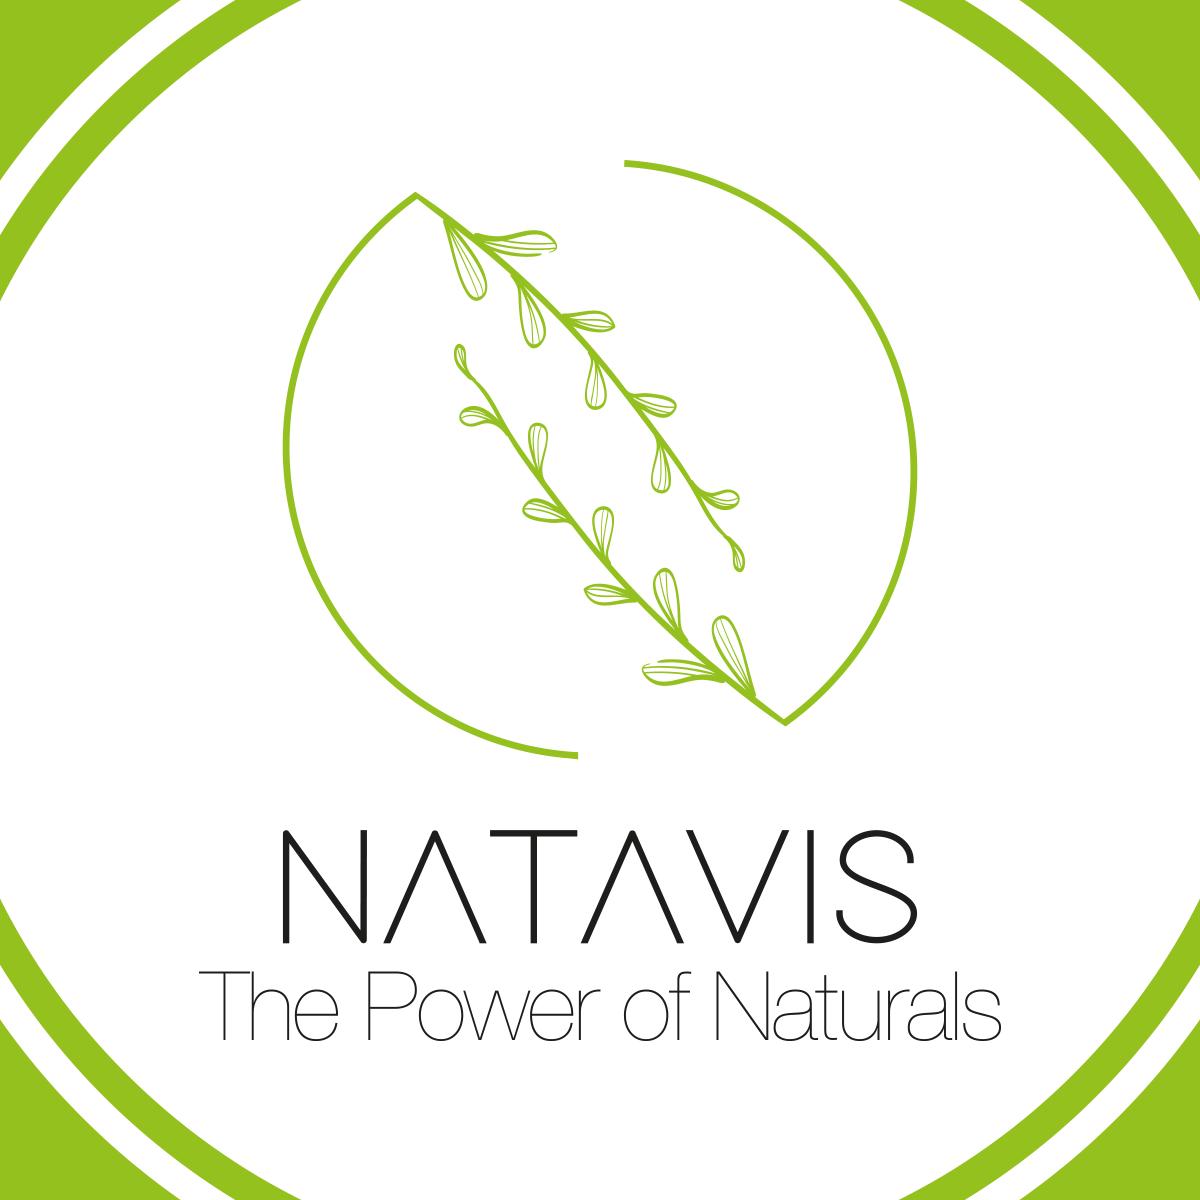 ناتافيس Natavis